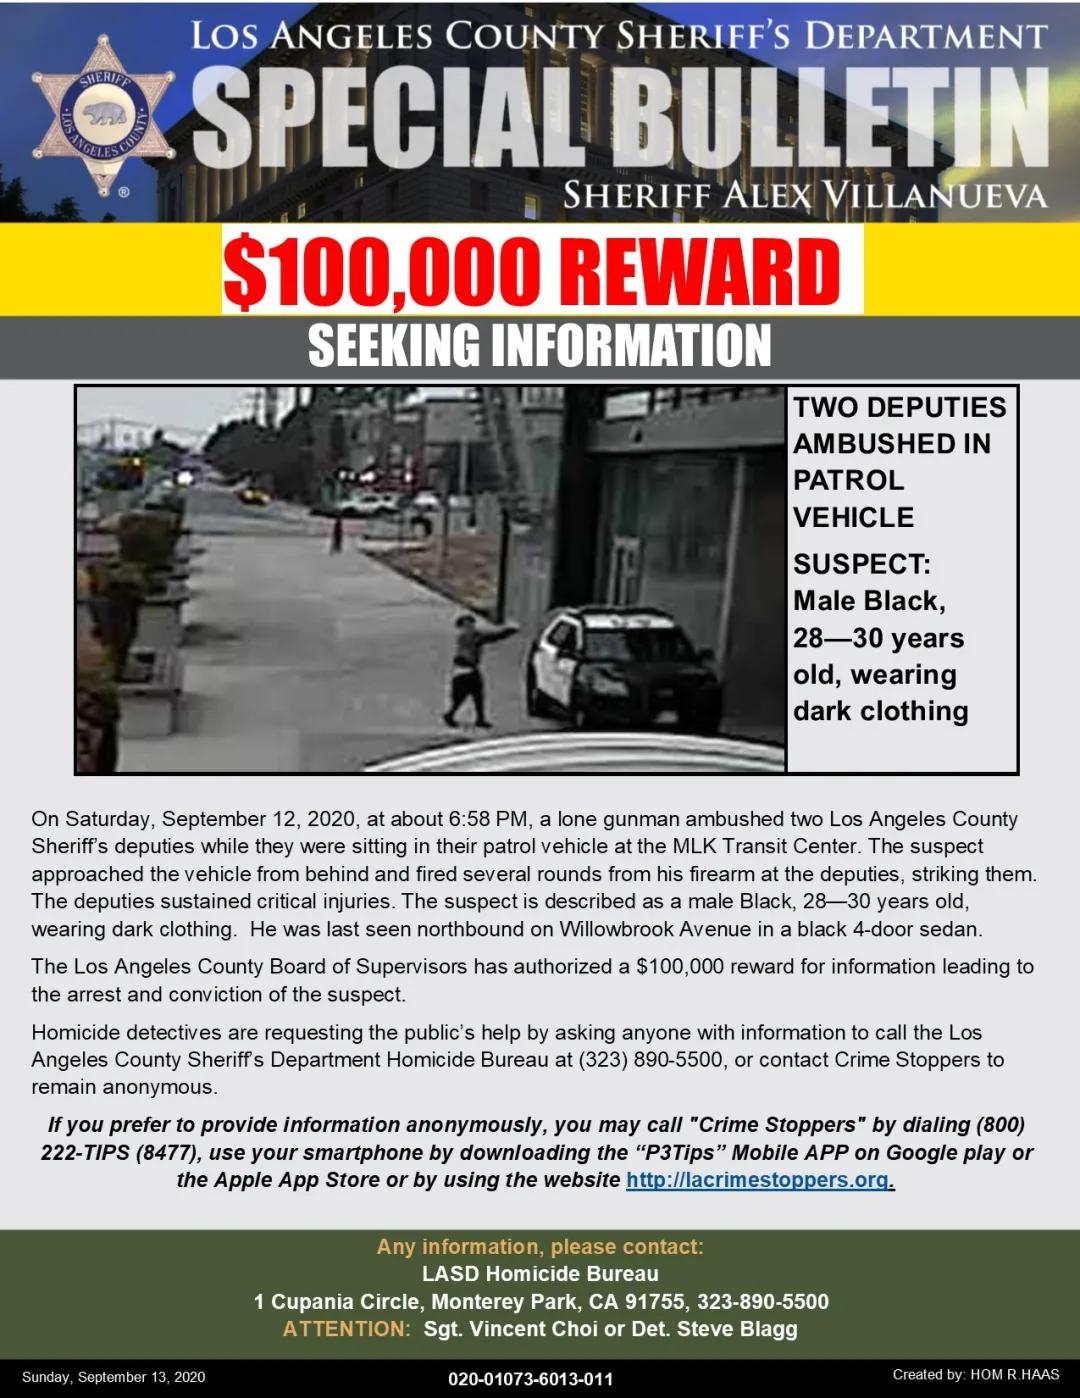 两警员遭不明凶手枪击 警方悬赏10万缉拿